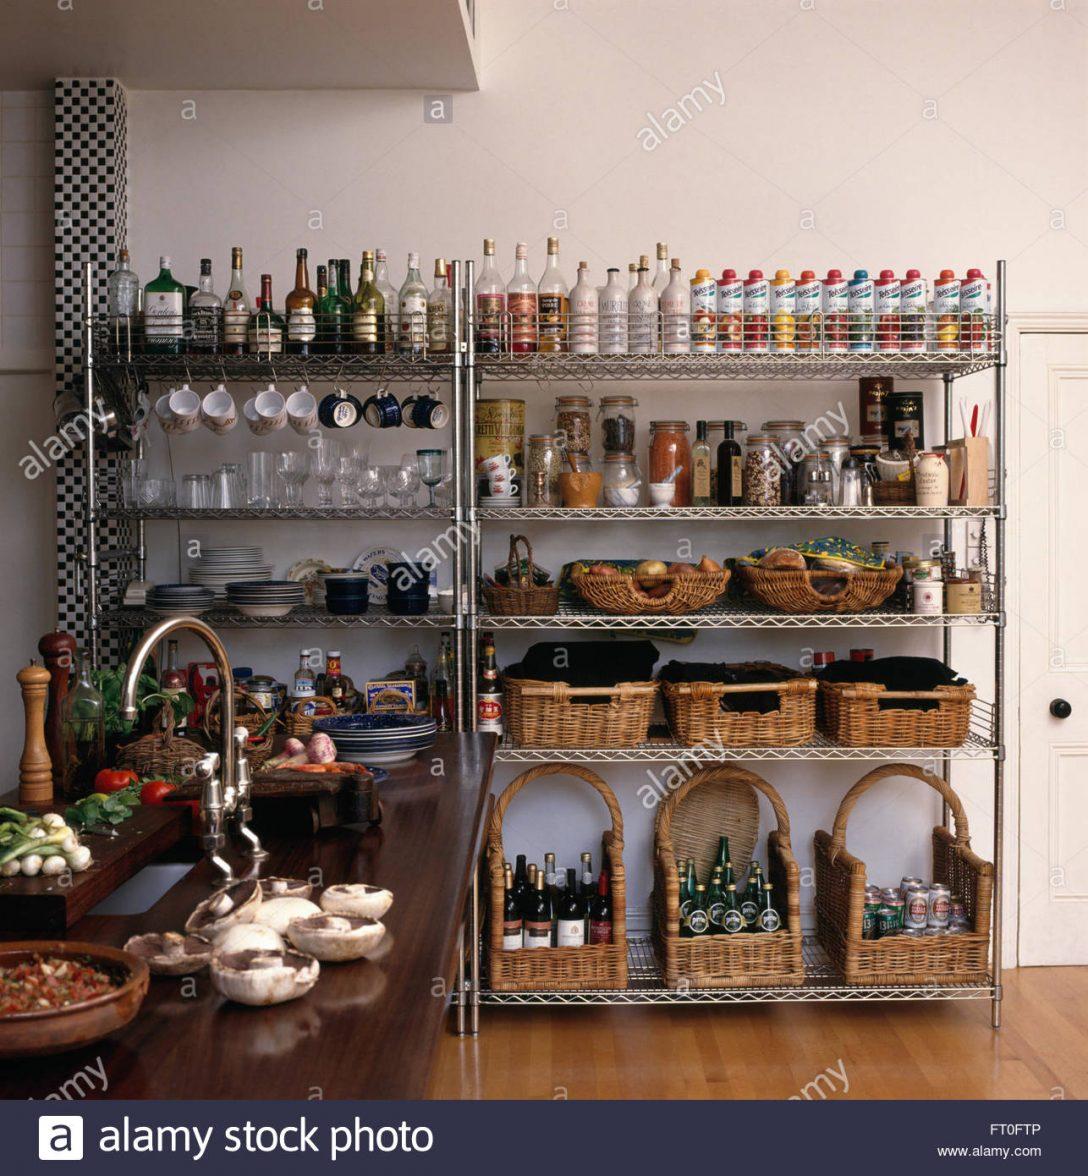 Large Size of Küche Aufbewahrung Hängend Küche Aufbewahrung Kunststoff Ideen Kleine Küche Aufbewahrung Plastikfreie Küche Aufbewahrung Küche Küche Aufbewahrung